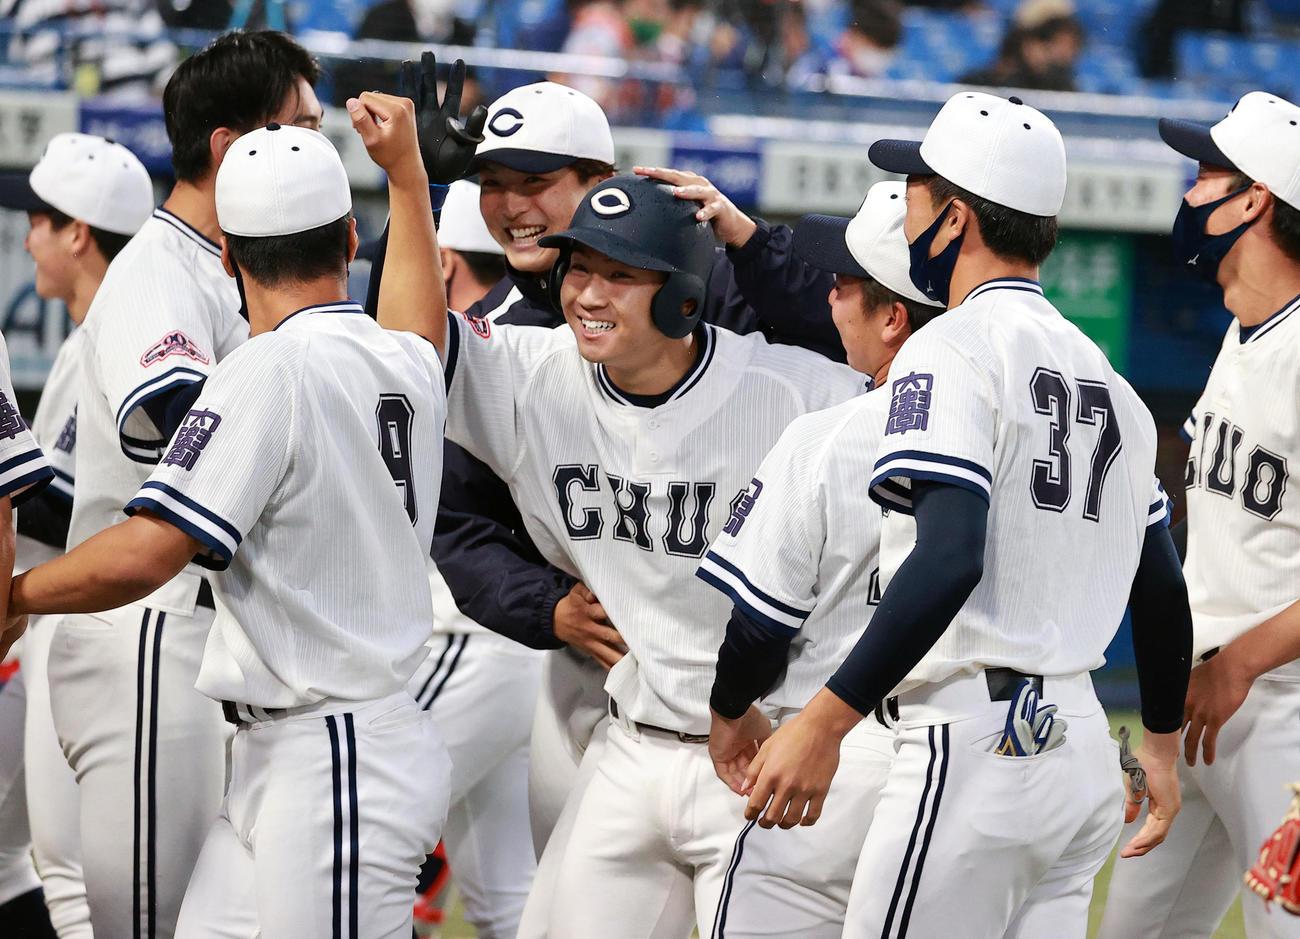 青学大対中大 7回裏中大2死一、三塁、古賀(中央)は左中間に3点本塁打を放ち、ナインに祝福され笑顔(撮影・浅見桂子)